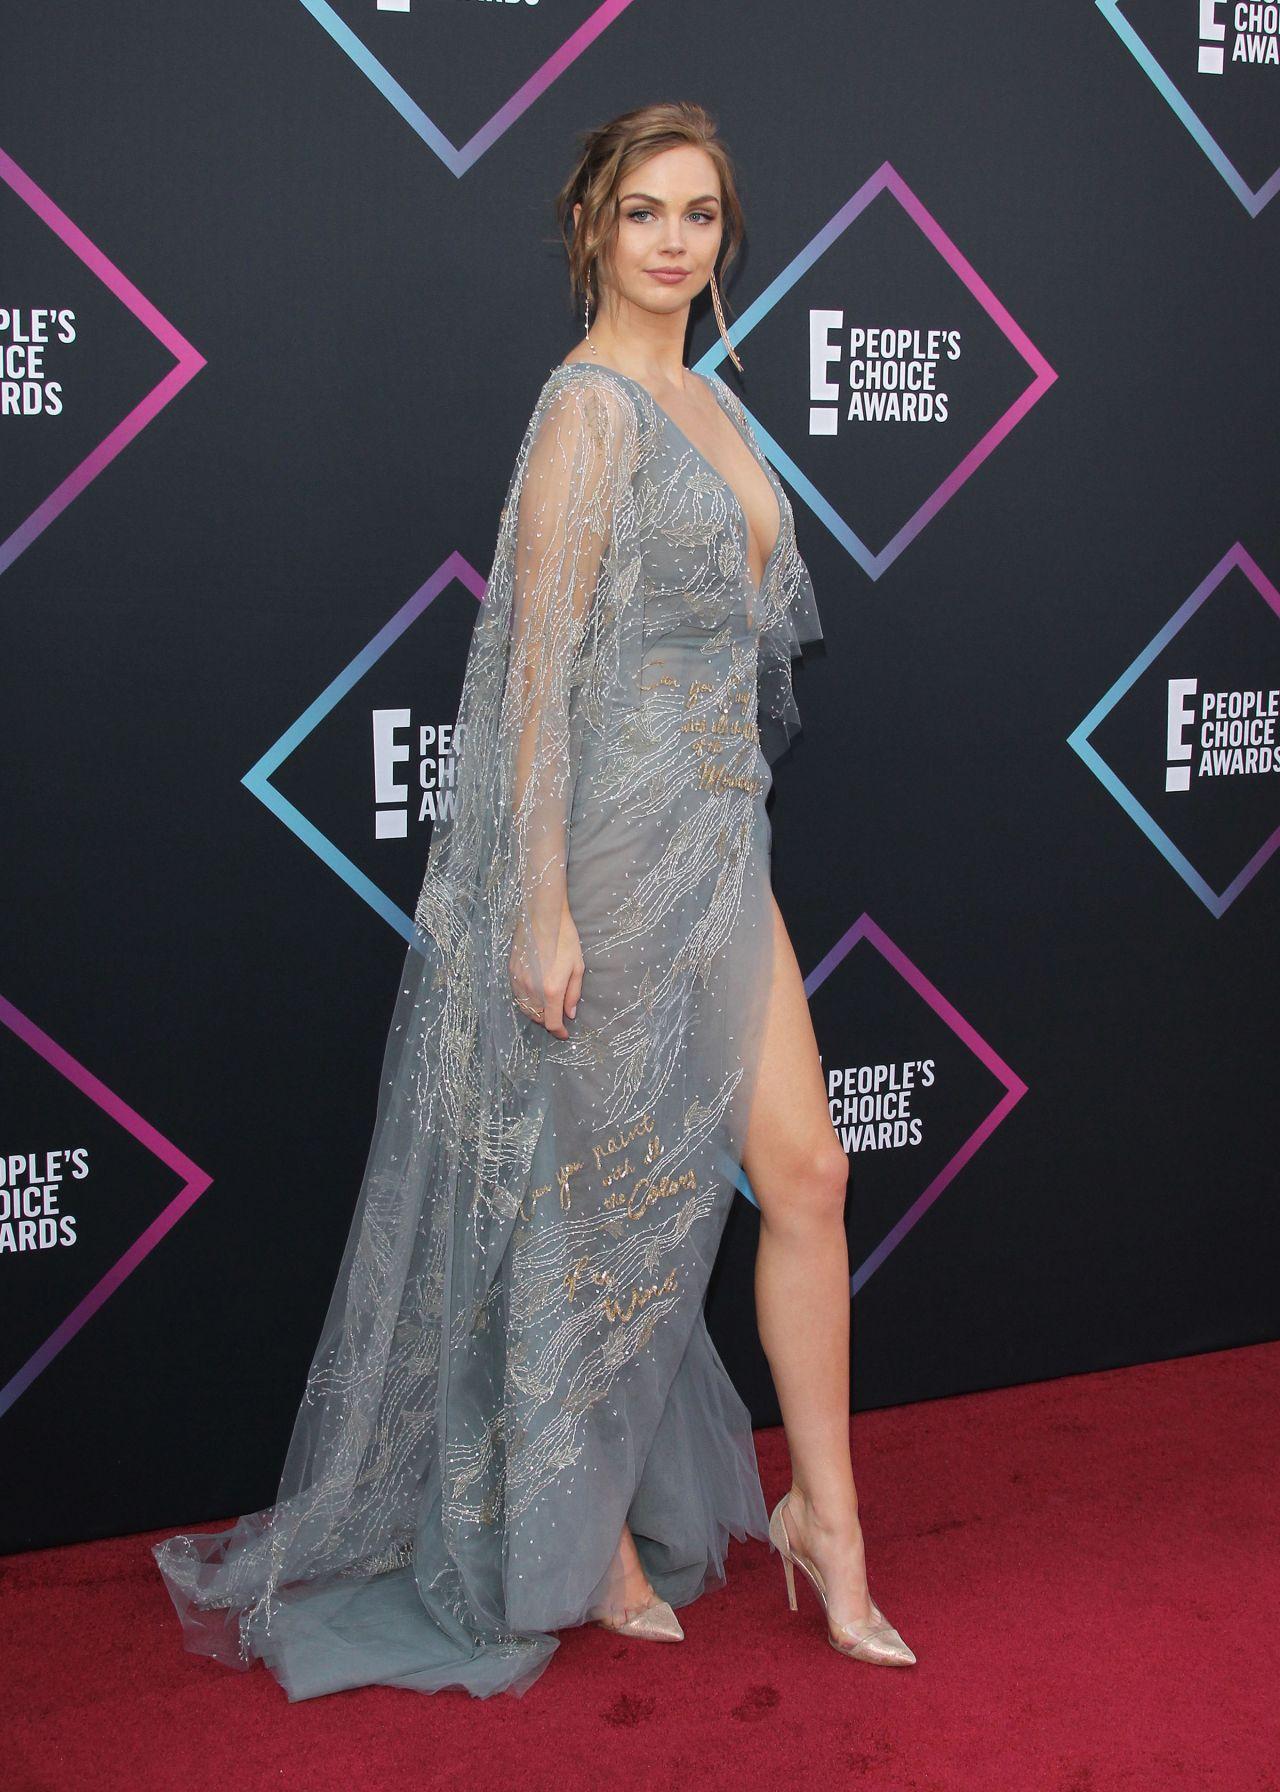 Ksenija Lukich – People's Choice Awards 2018